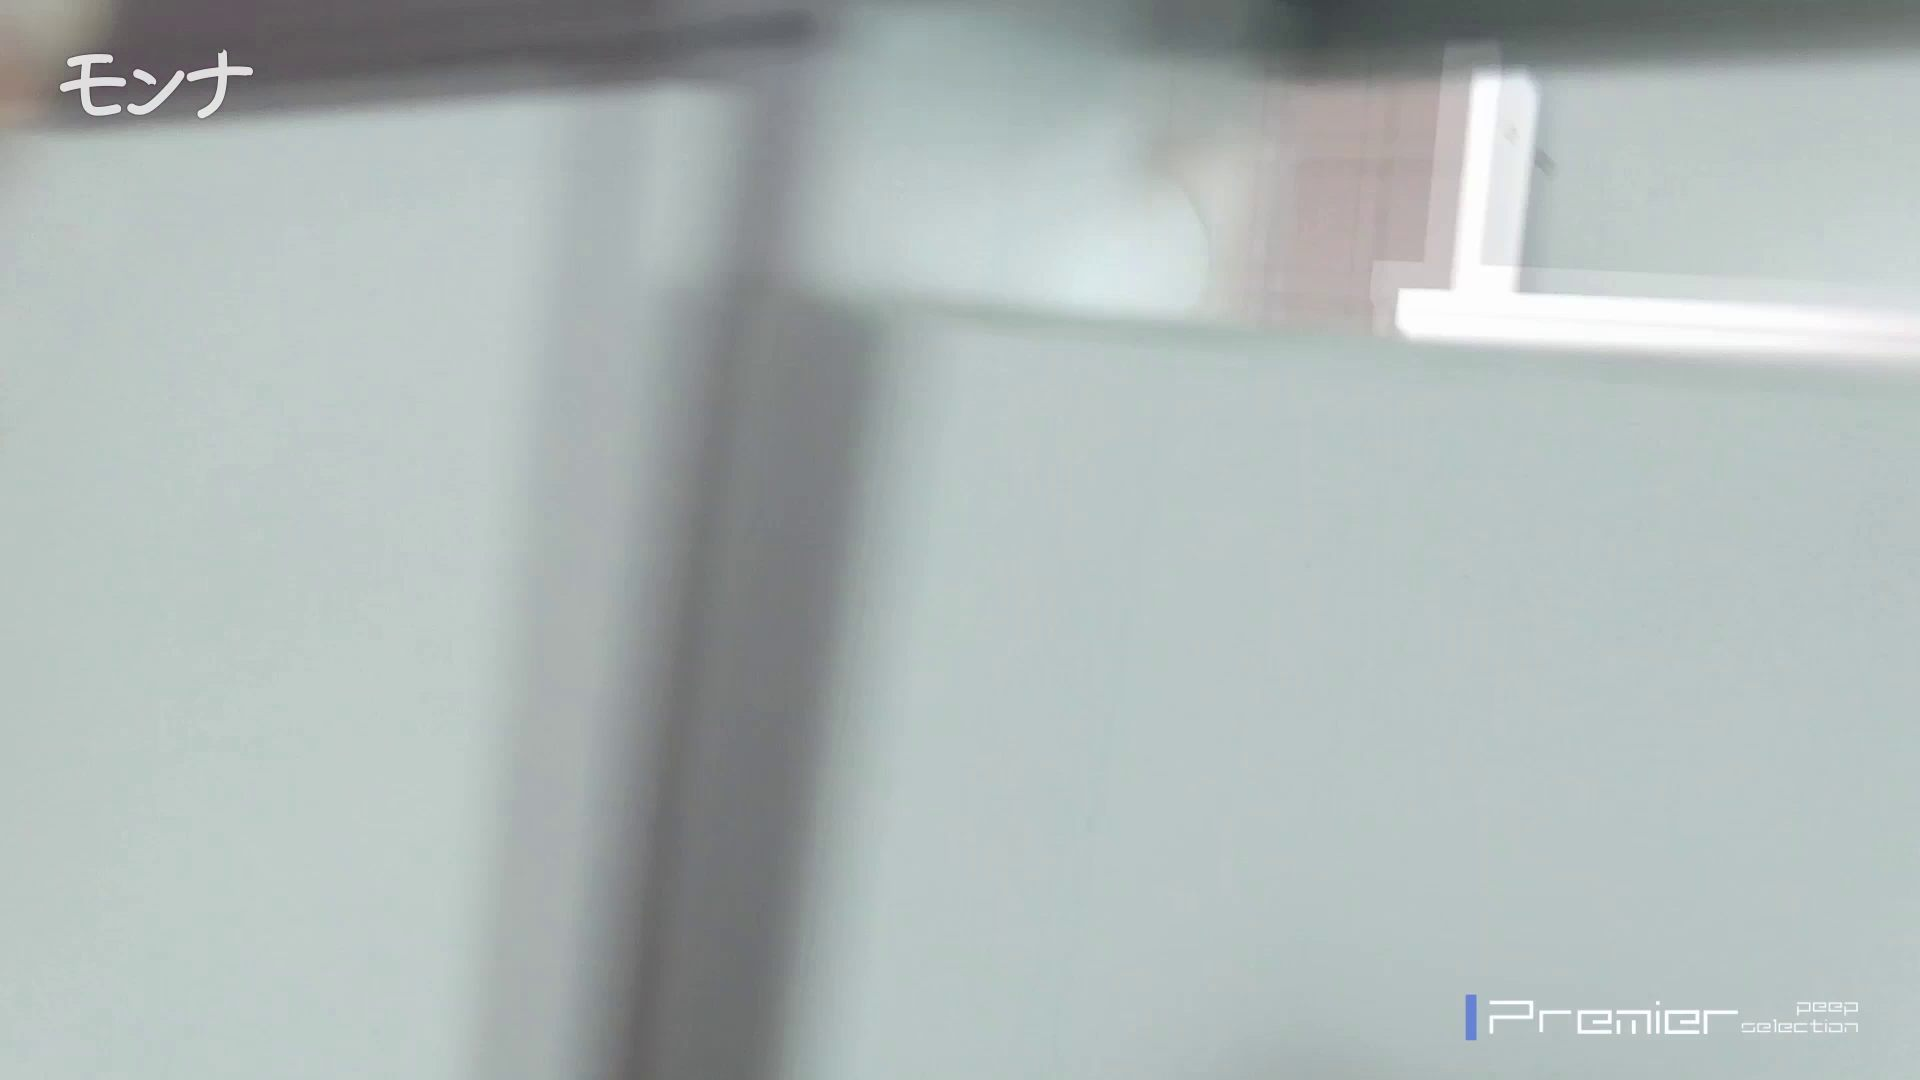 美しい日本の未来 No.54 眼鏡清楚美女特集 美肌 セックス無修正動画無料 94画像 41